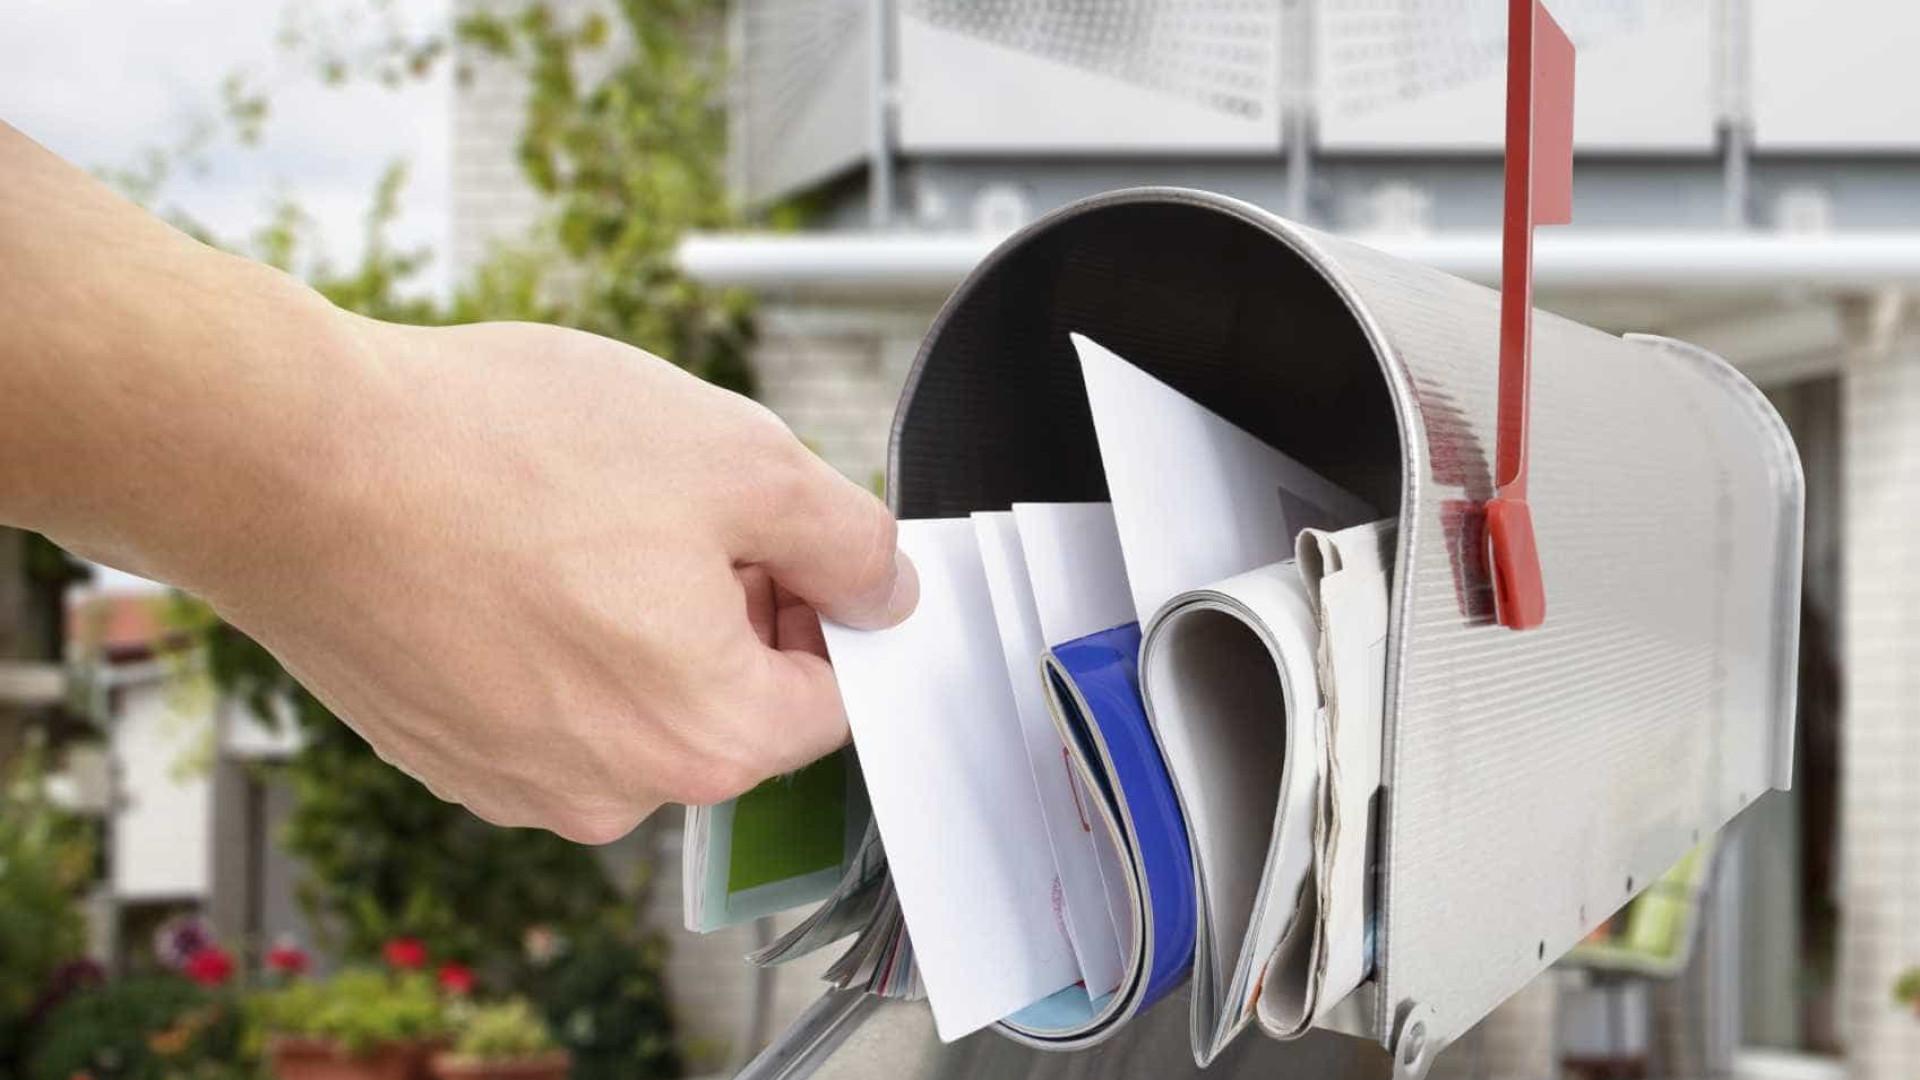 Pagar por faturas em papel? A DECO ajuda a dizer 'não'